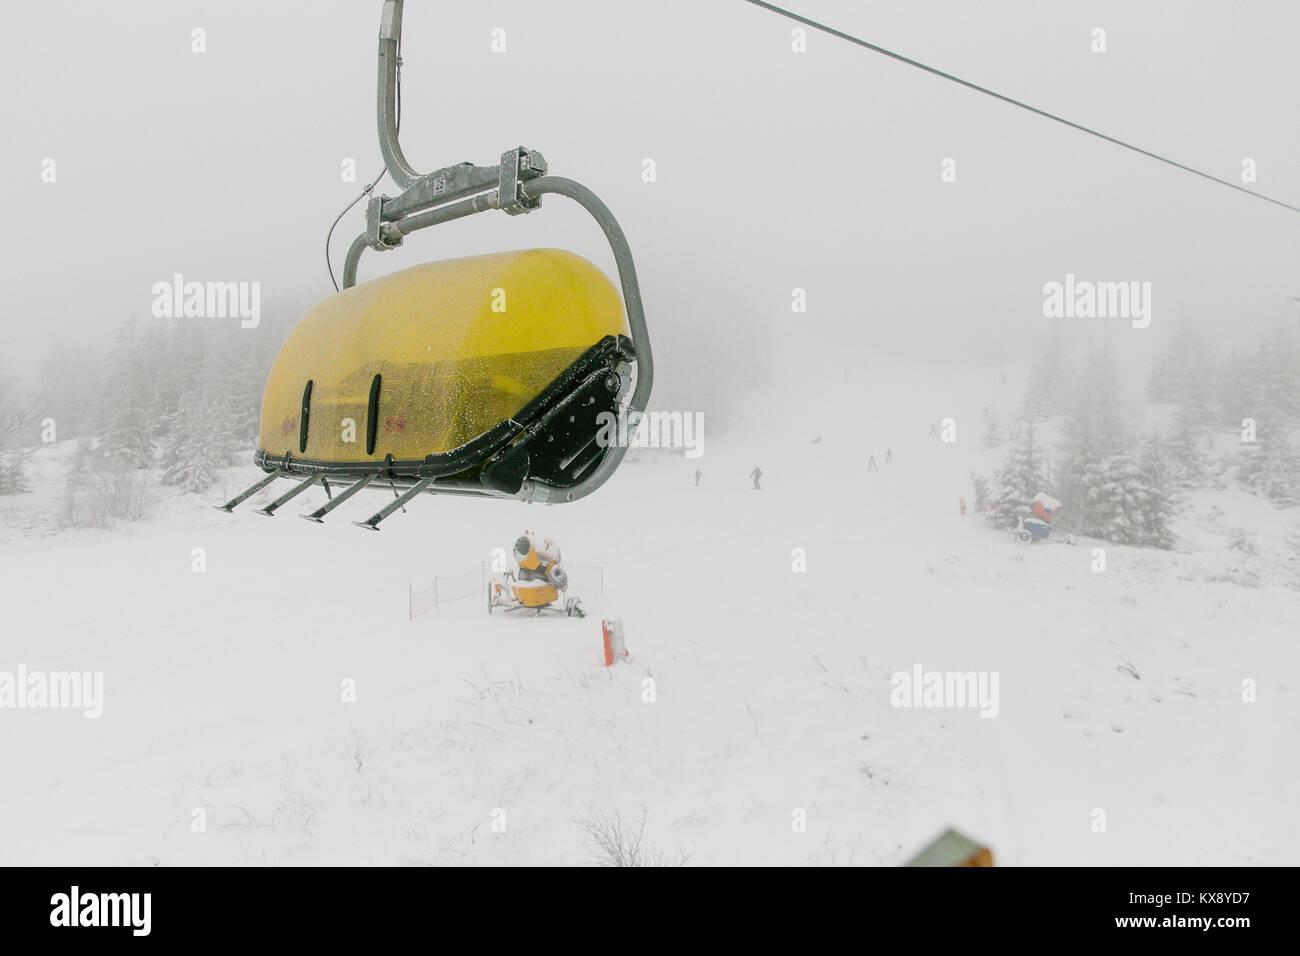 Telesilla de esquí que los esquiadores y snowboarders hasta el Skrzyczne montaña después de fuertes nevadas en un Foto de stock